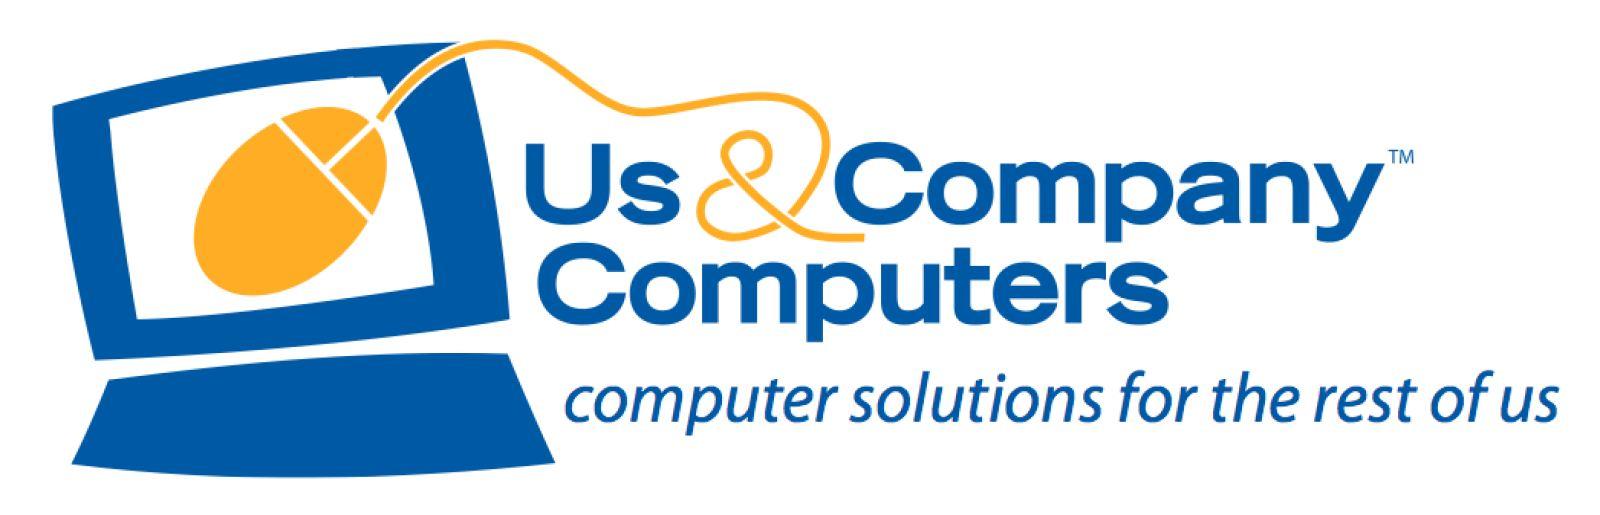 Us & Company